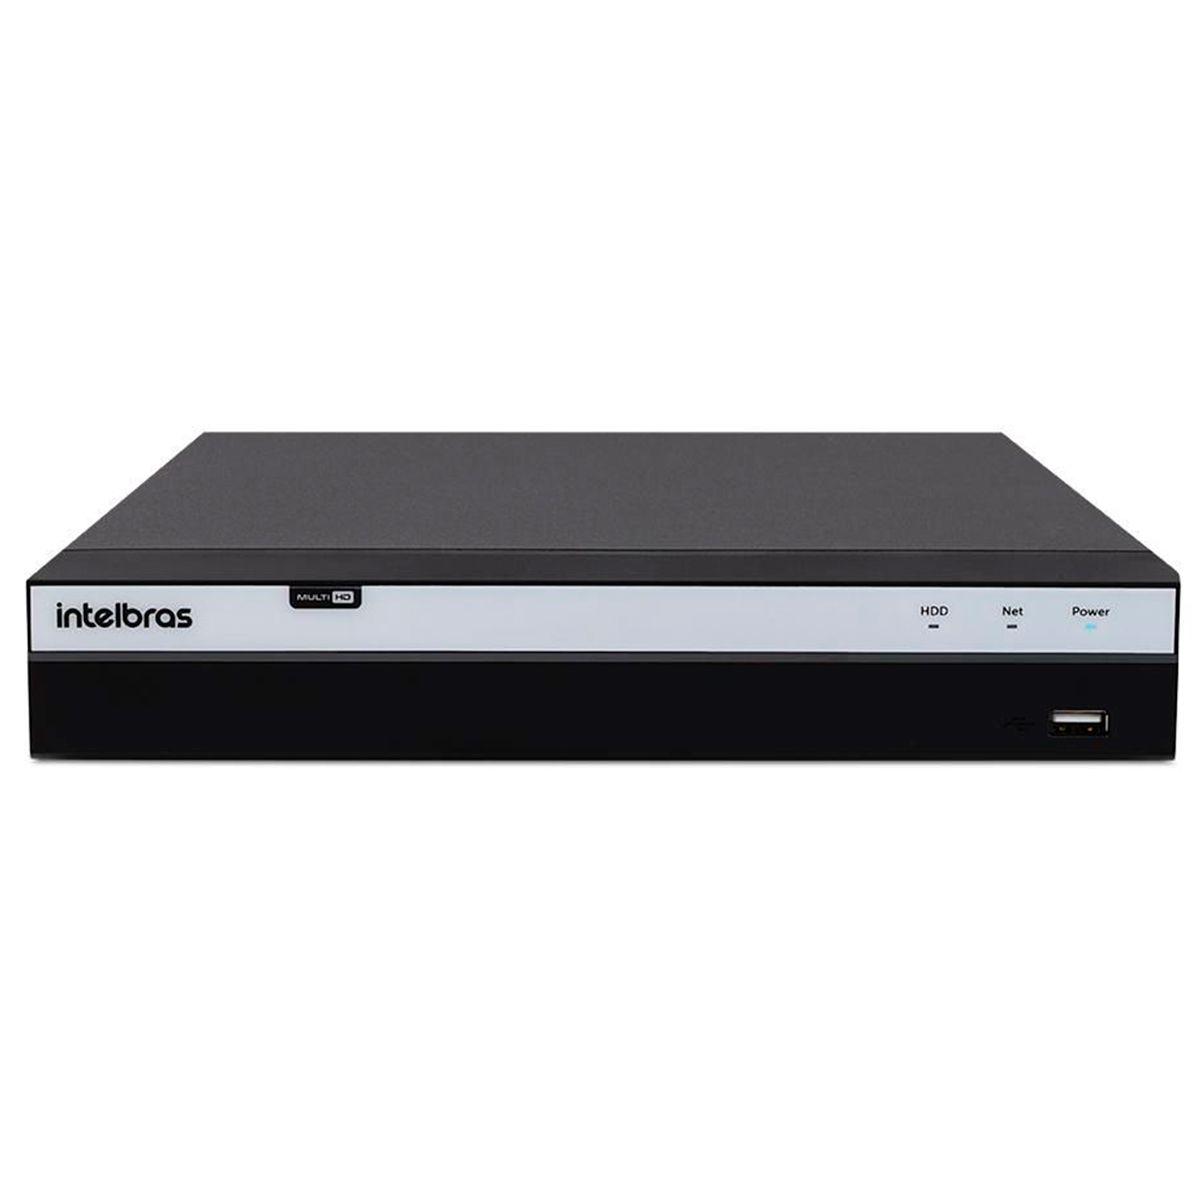 Kit 4 Câmeras de Segurança Full HD 1080p VHD 3230 B G5 + DVR Intelbras MHDX 3108 Full HD de 8 Canais + Acessórios  - Tudo Forte